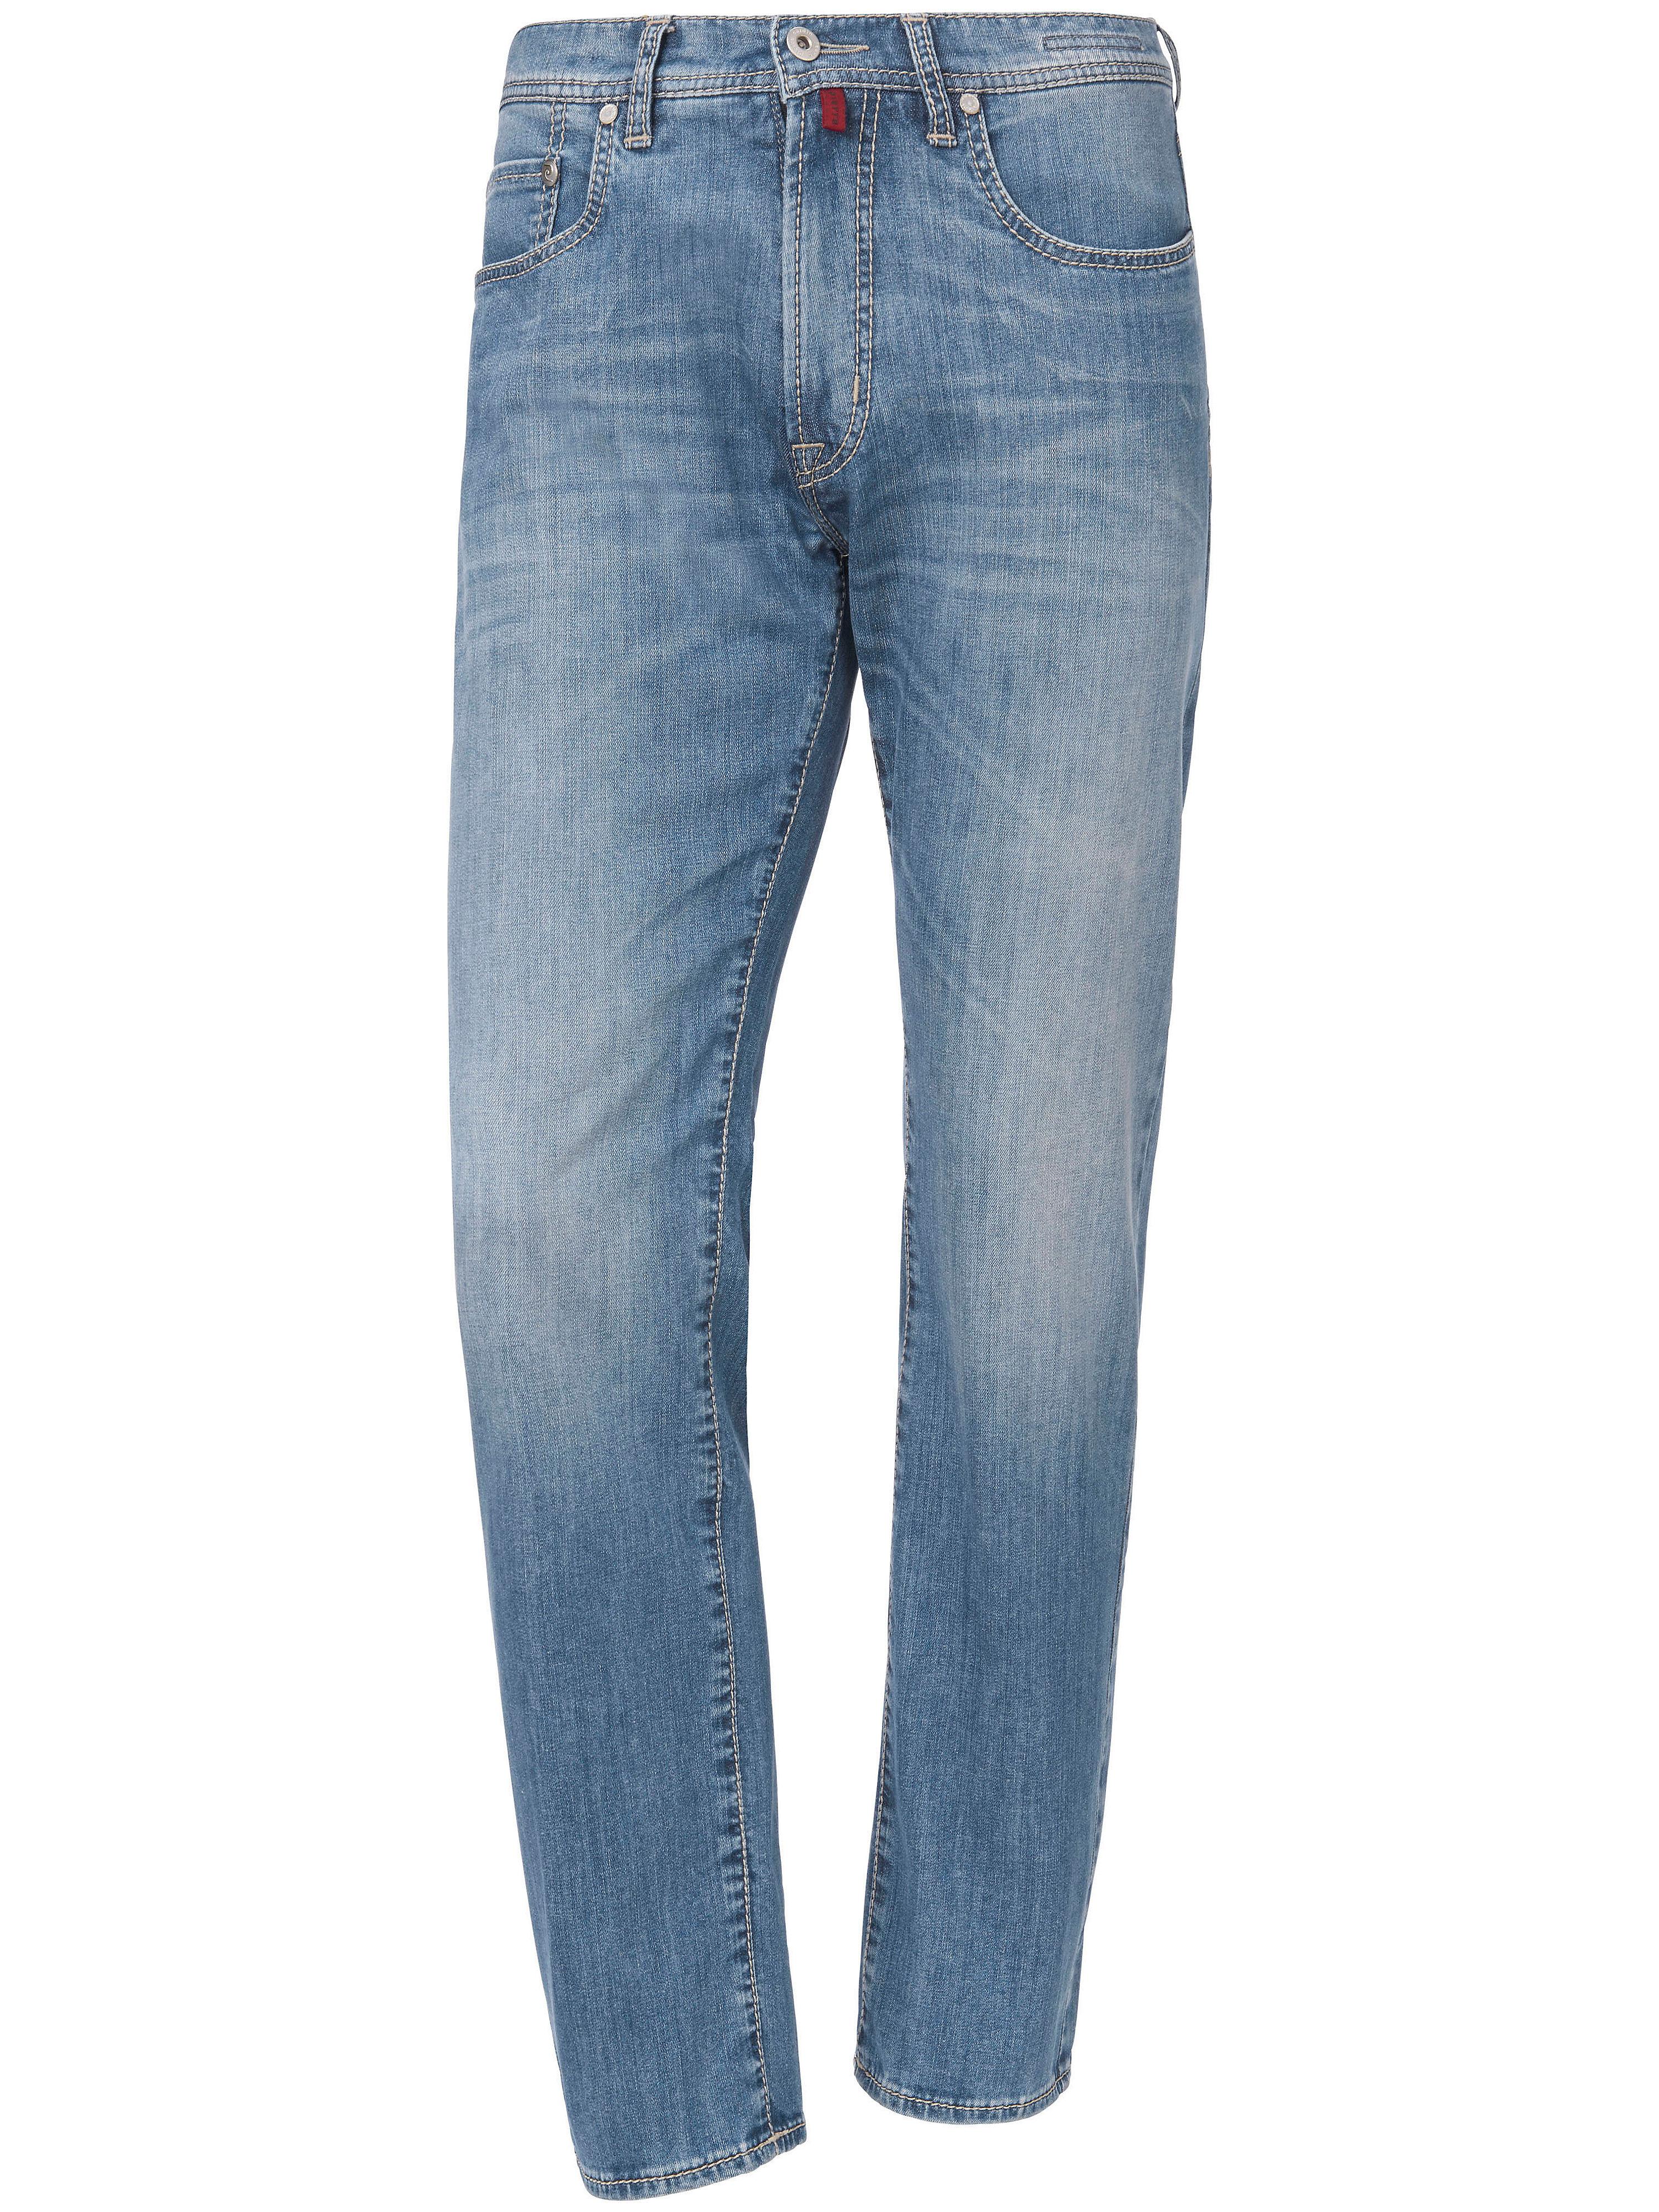 Jeans Pierre Cardin denim